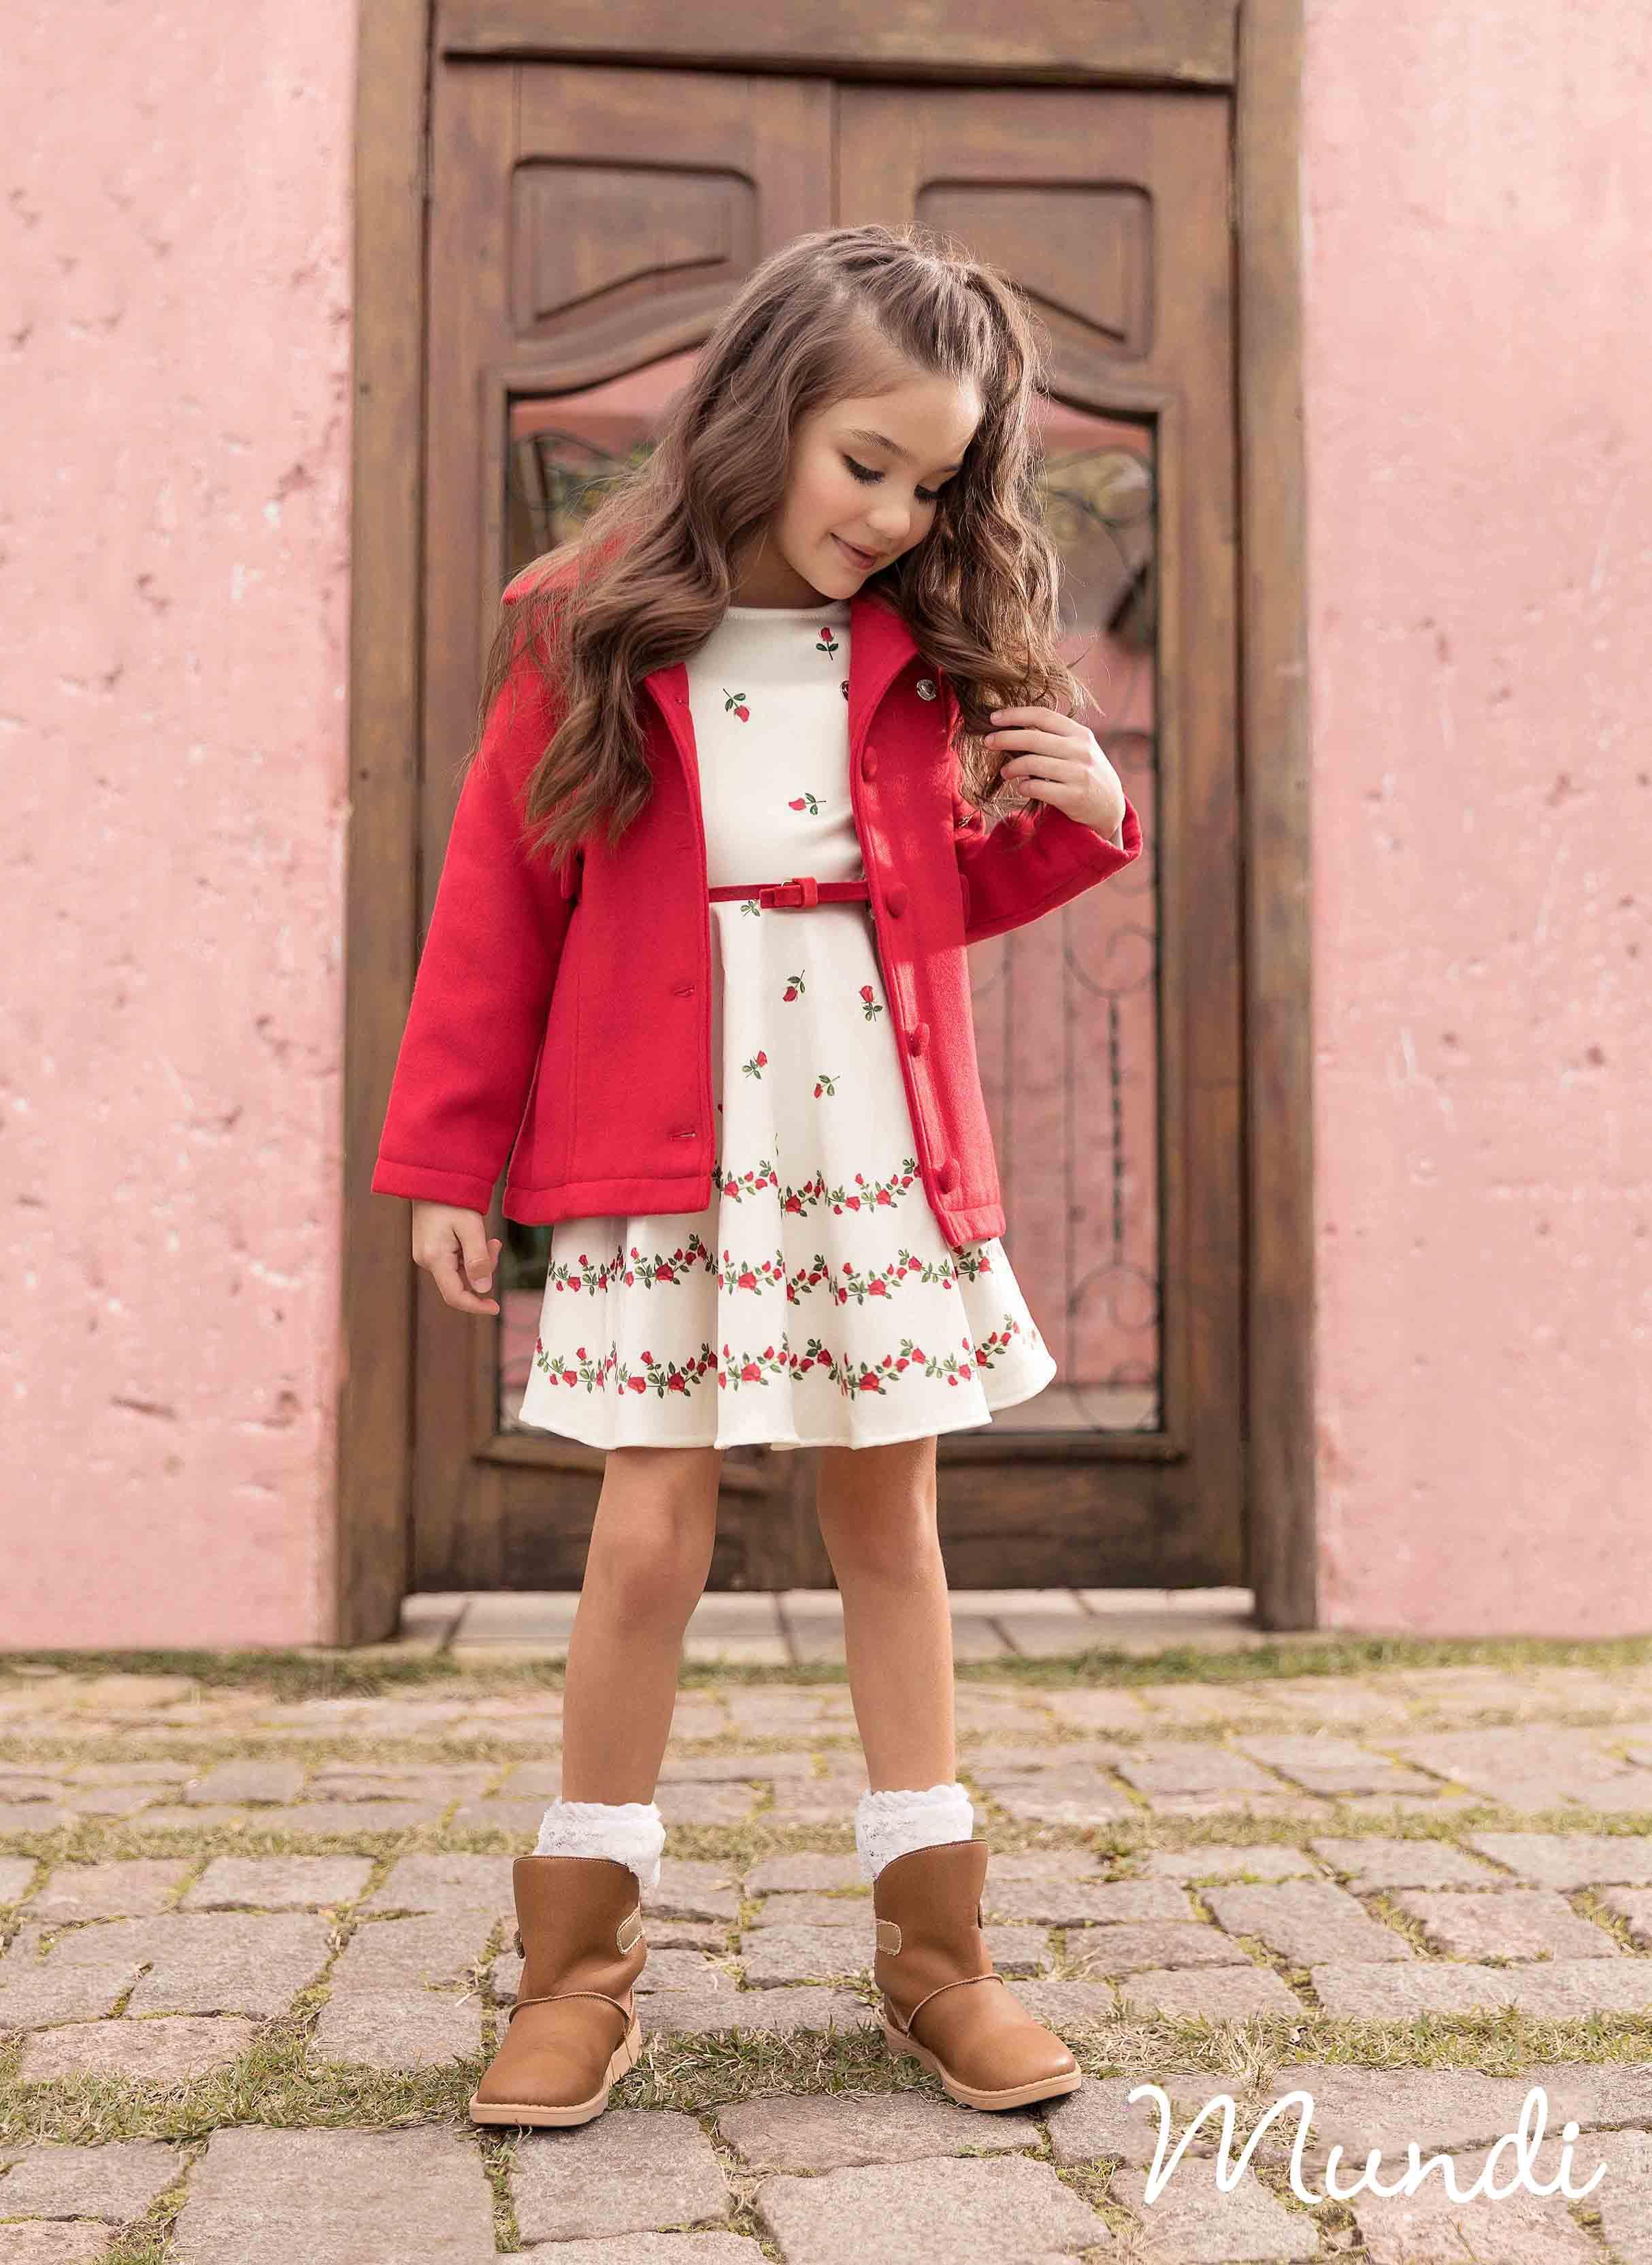 b88b5919deaf Leves e super delicados, os vestidos garantem um look arrumadinho com  conforto para brincar. Eles aparecem com força com padronagens românticas  florais, ...